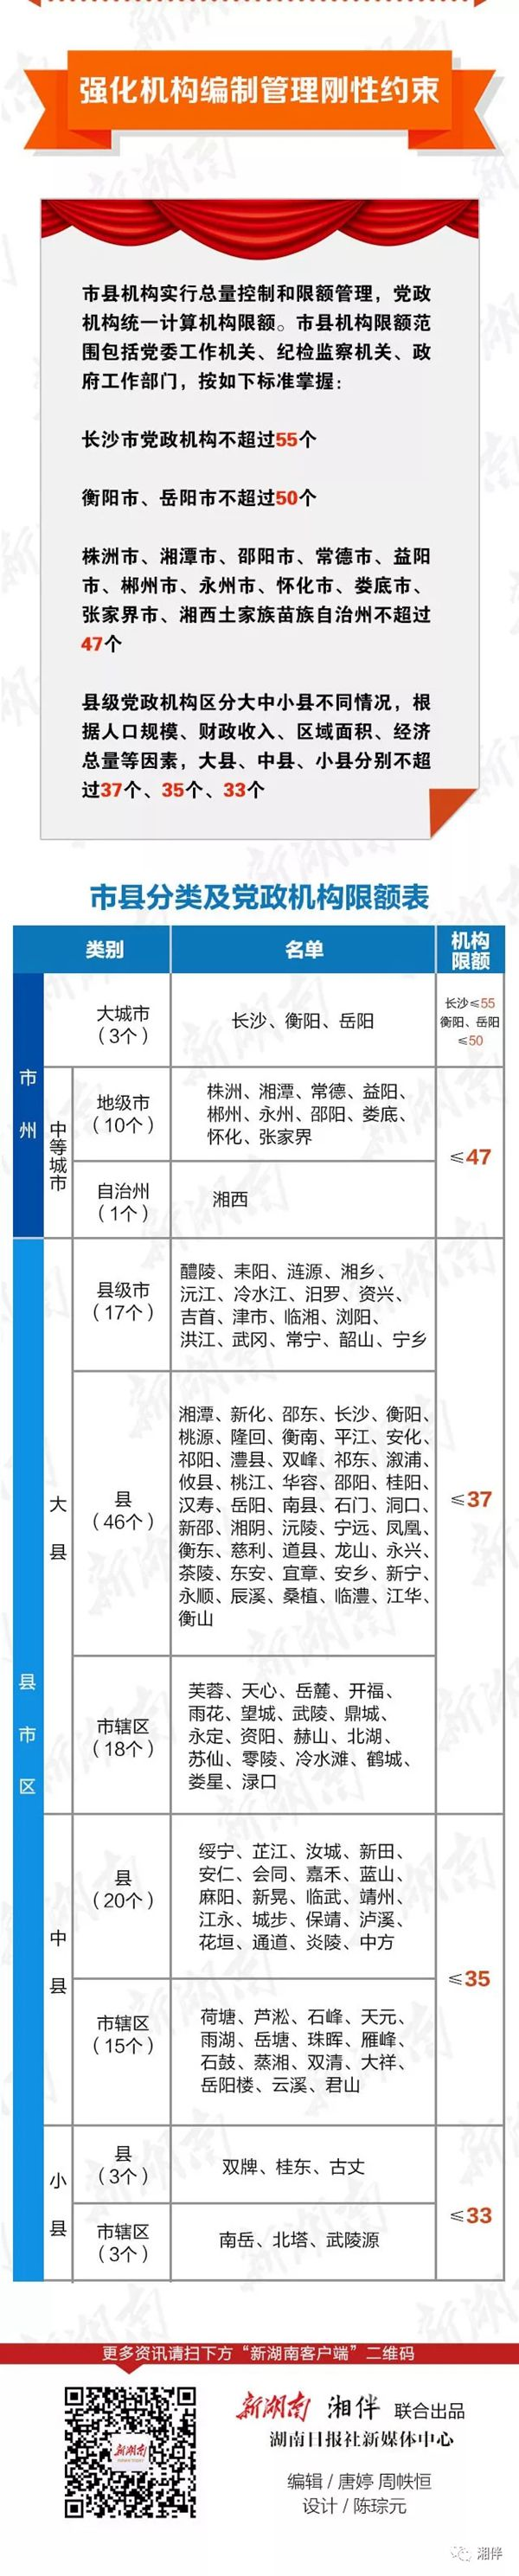 湖南市县机构改革